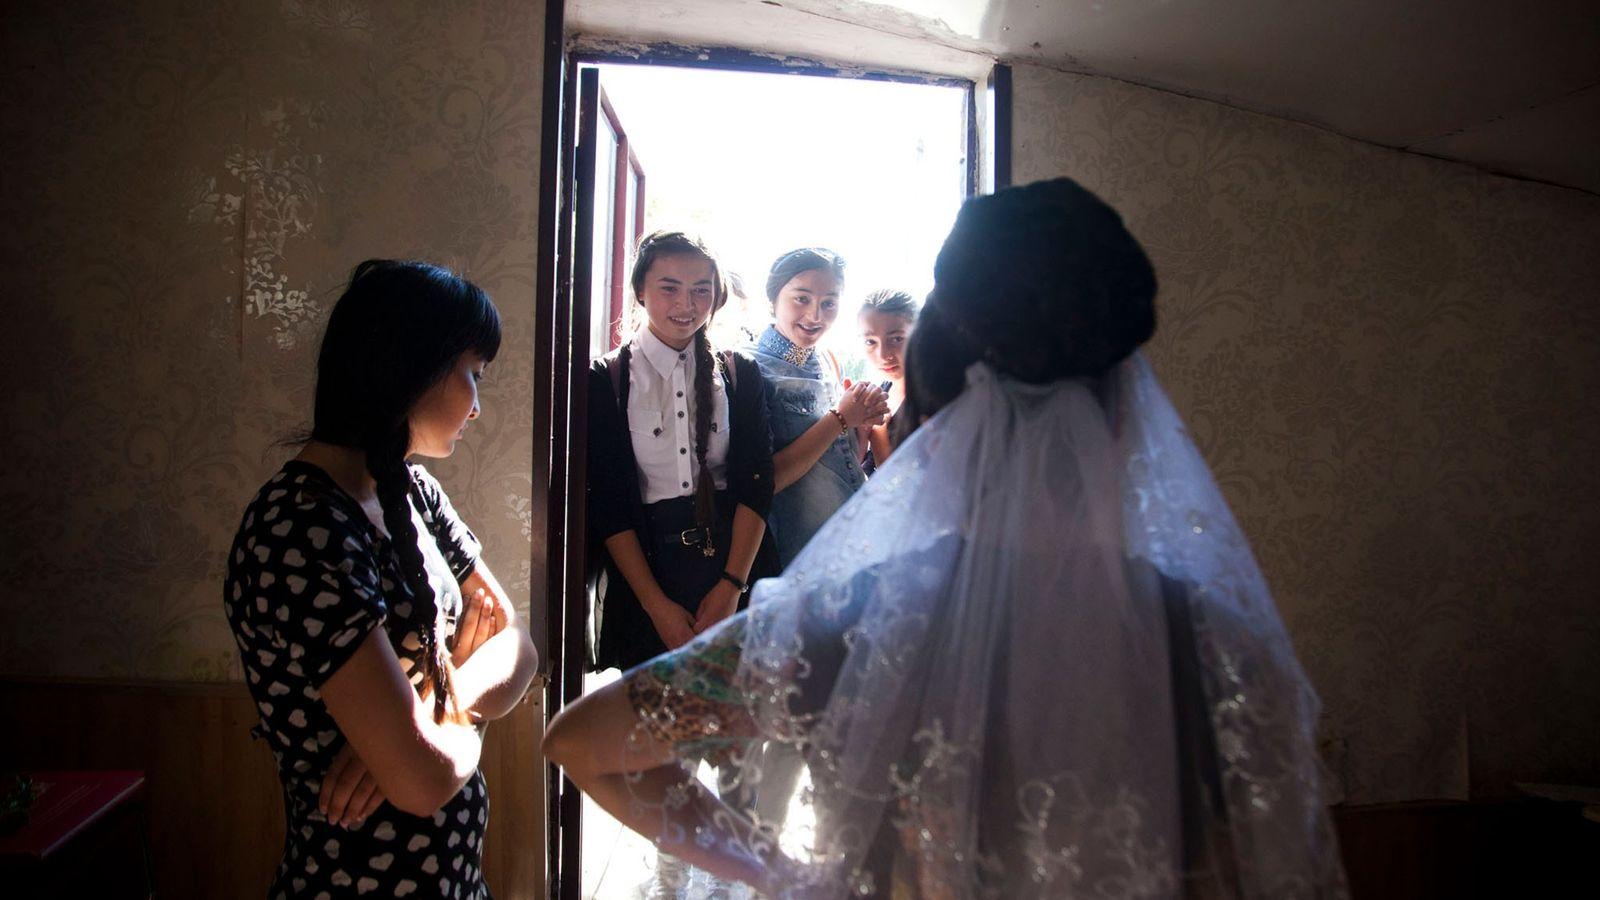 Imagen de unas niñas admirando el vestido de novia de su amiga